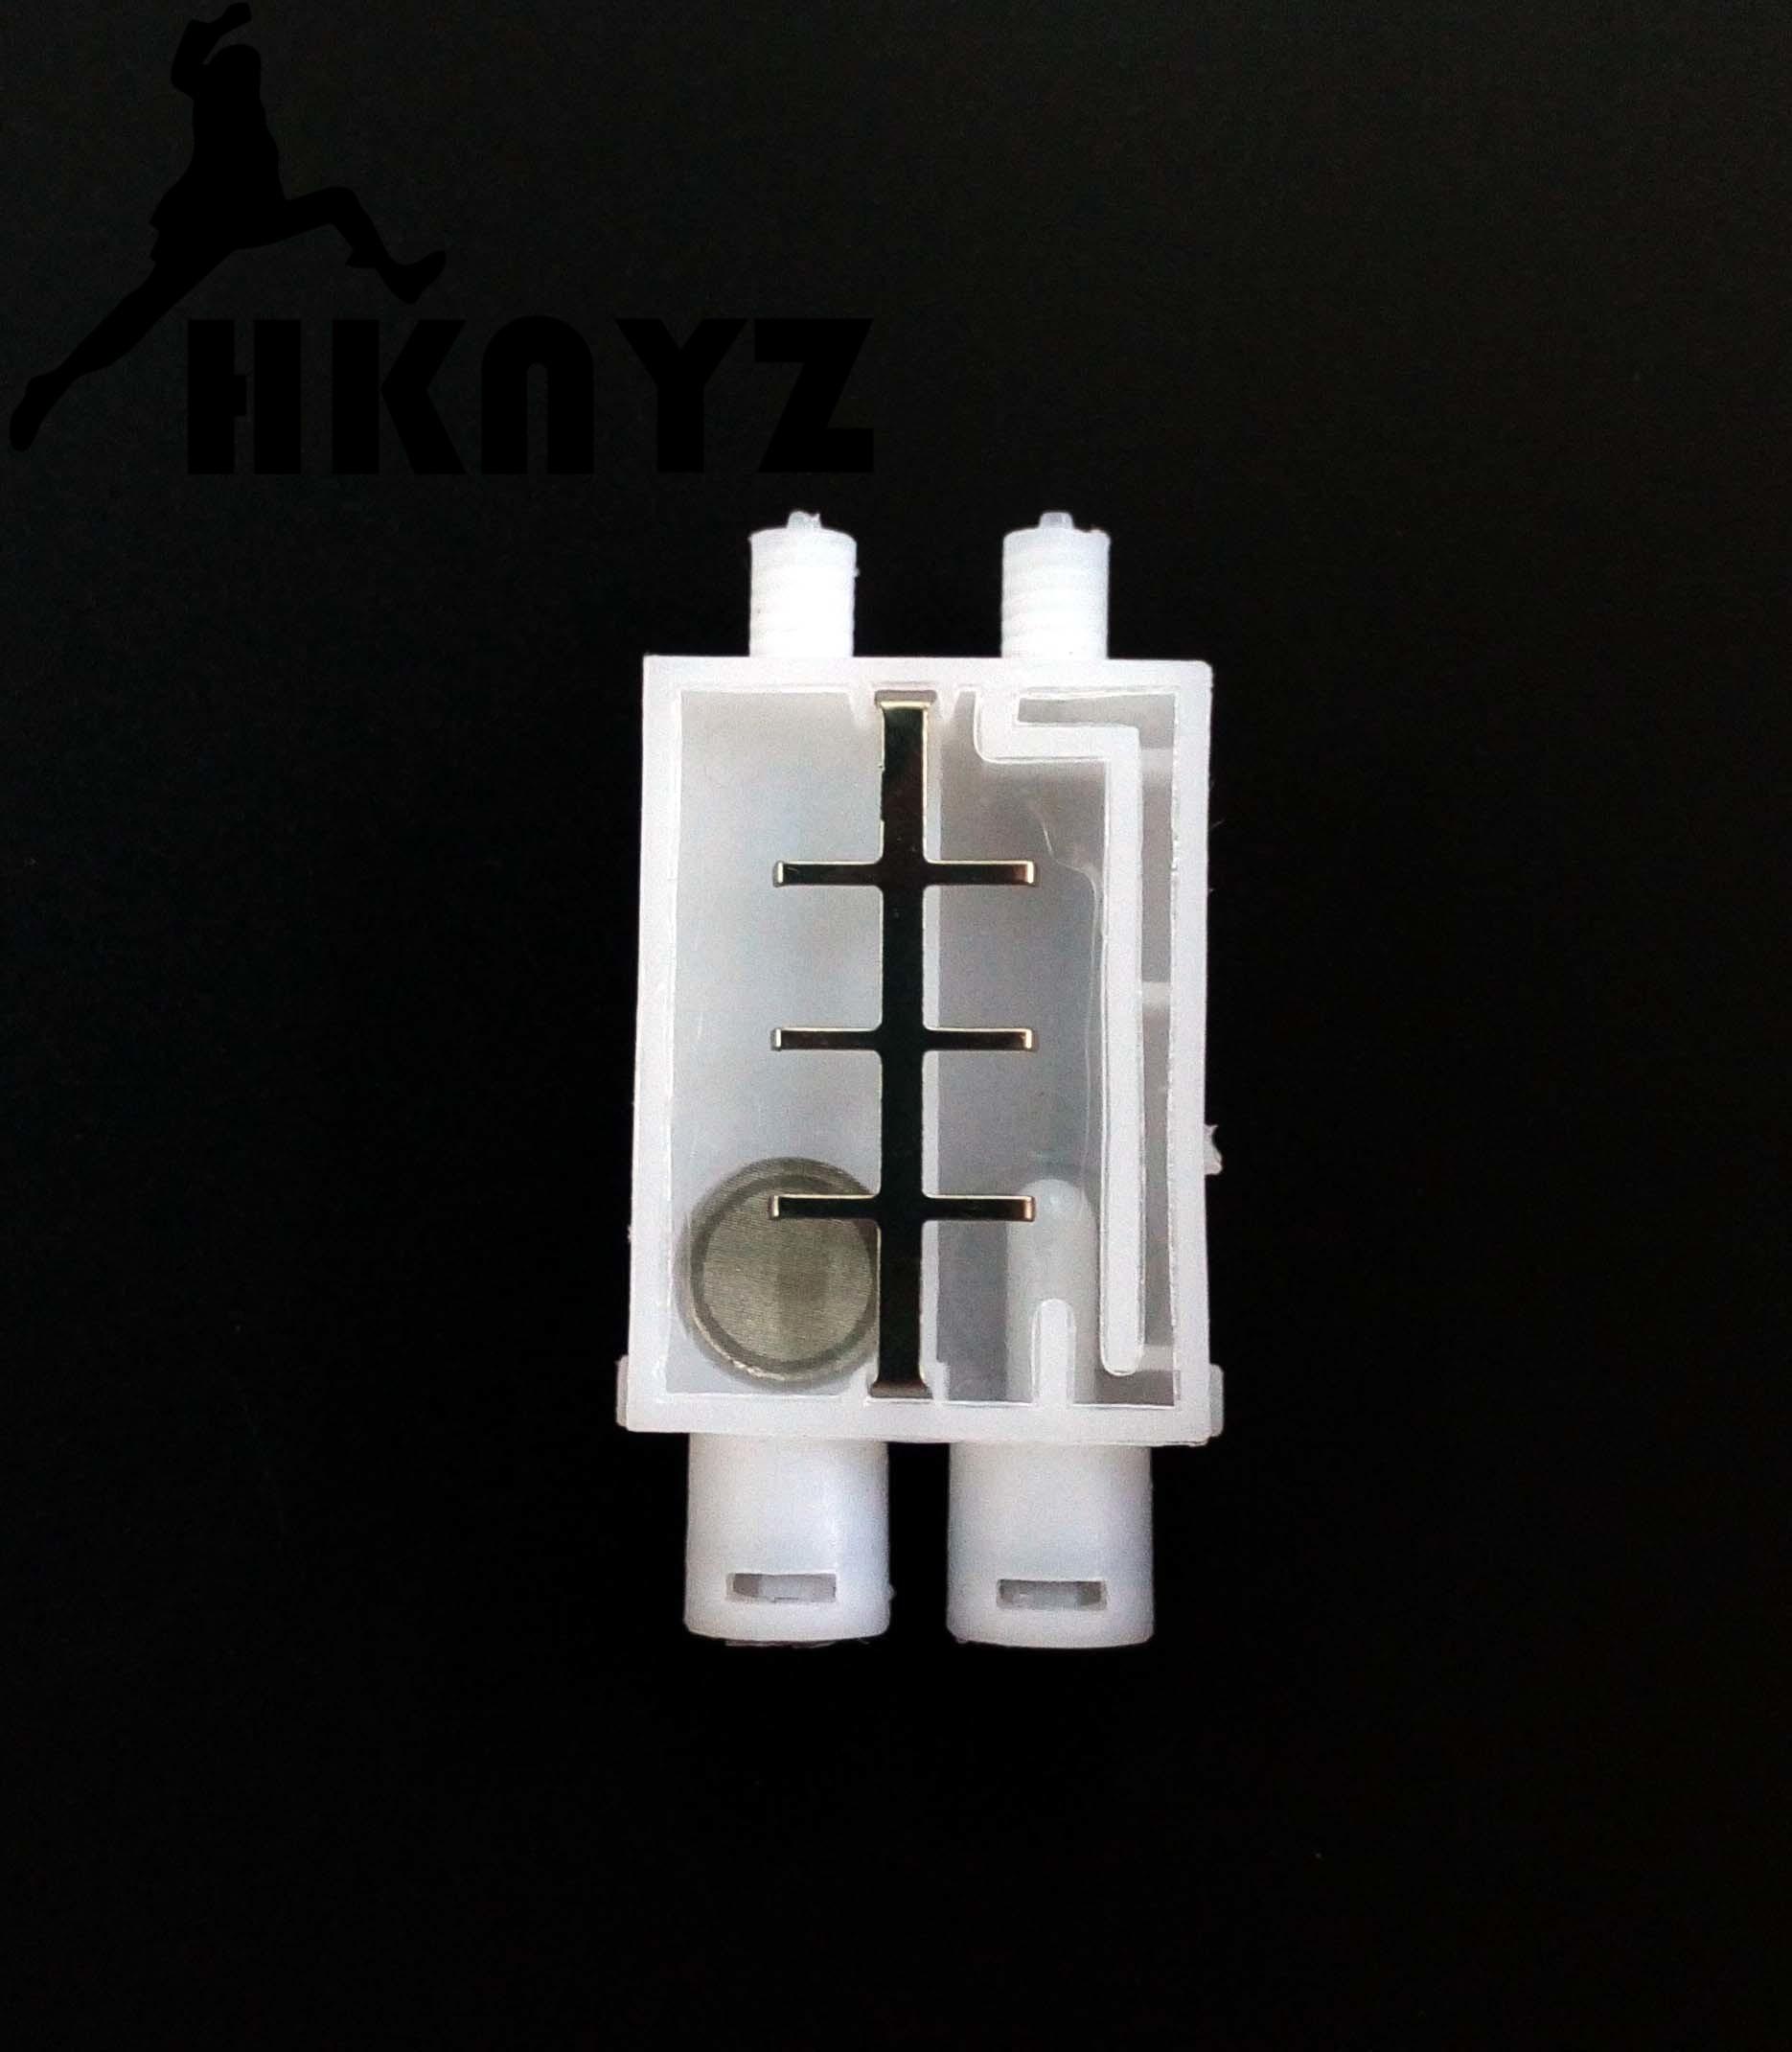 10 قطعة DX7 المثبط ل Dx7 رأس طباعة إبسون B300/310. B500/510